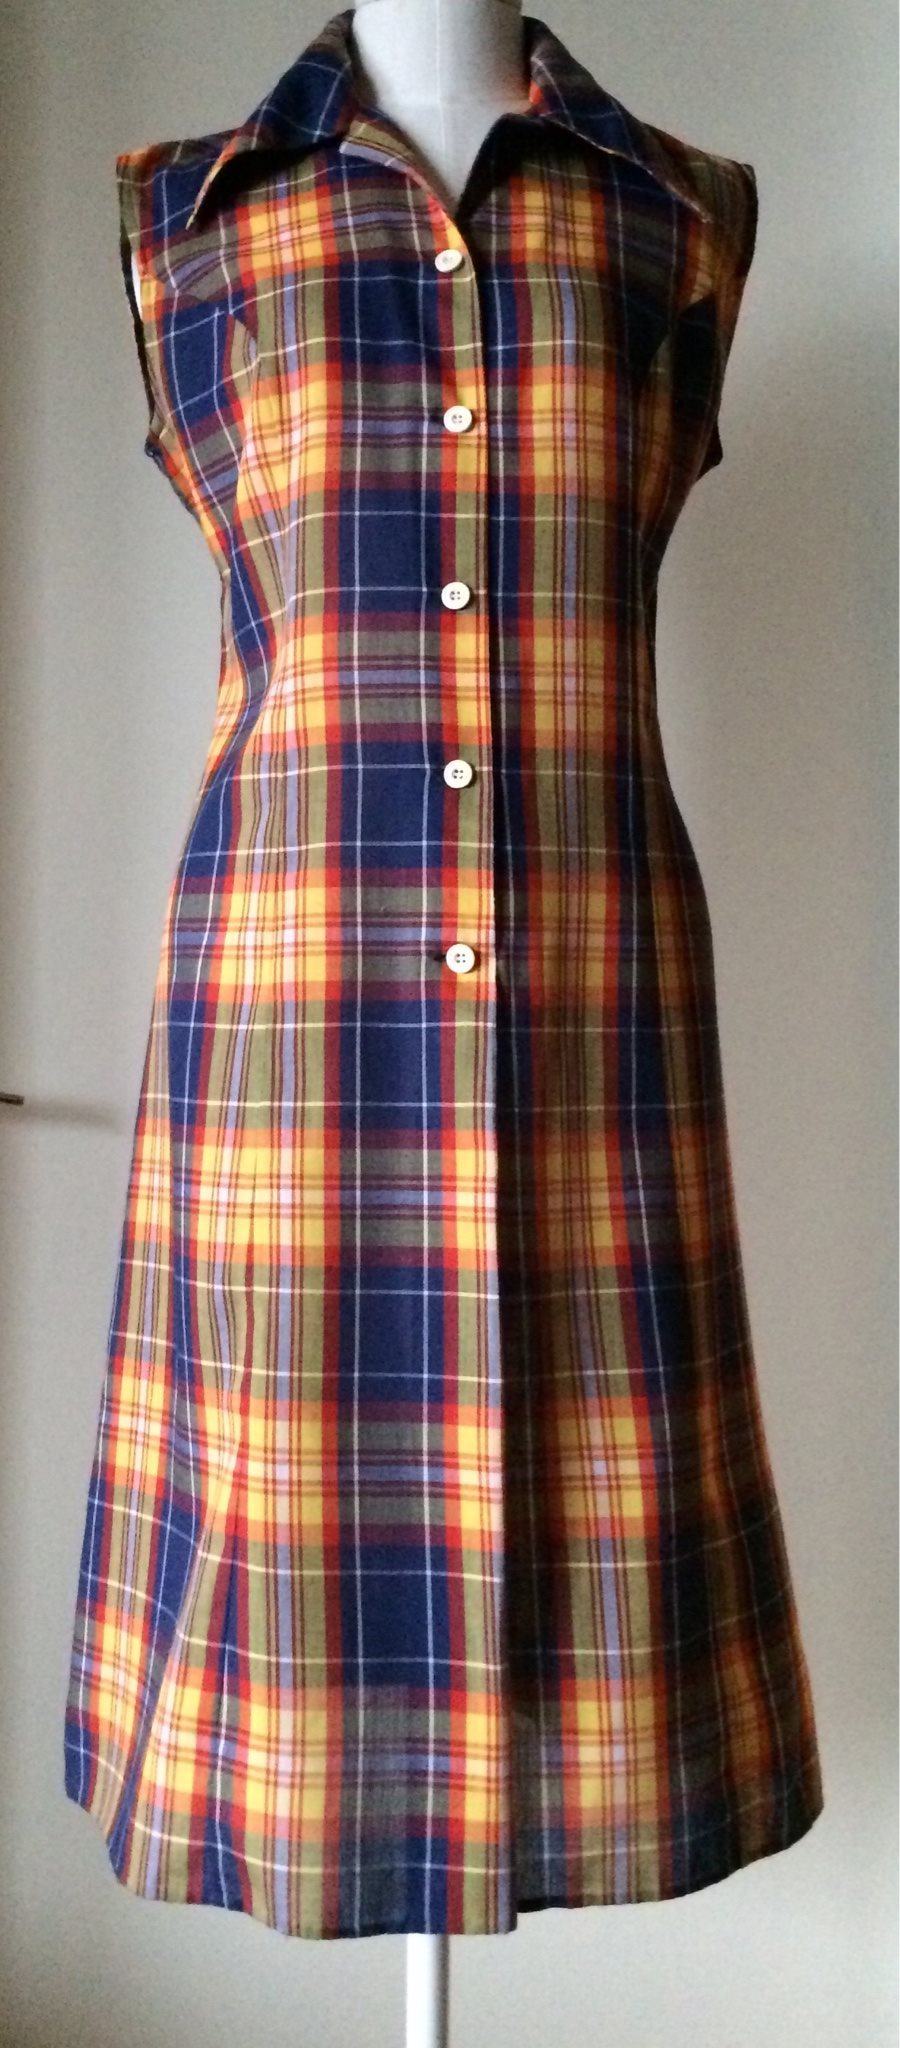 0fb4fc96c851 Vintage retro klänning storlek 42/M från DACRON (336435083) ᐈ Köp ...